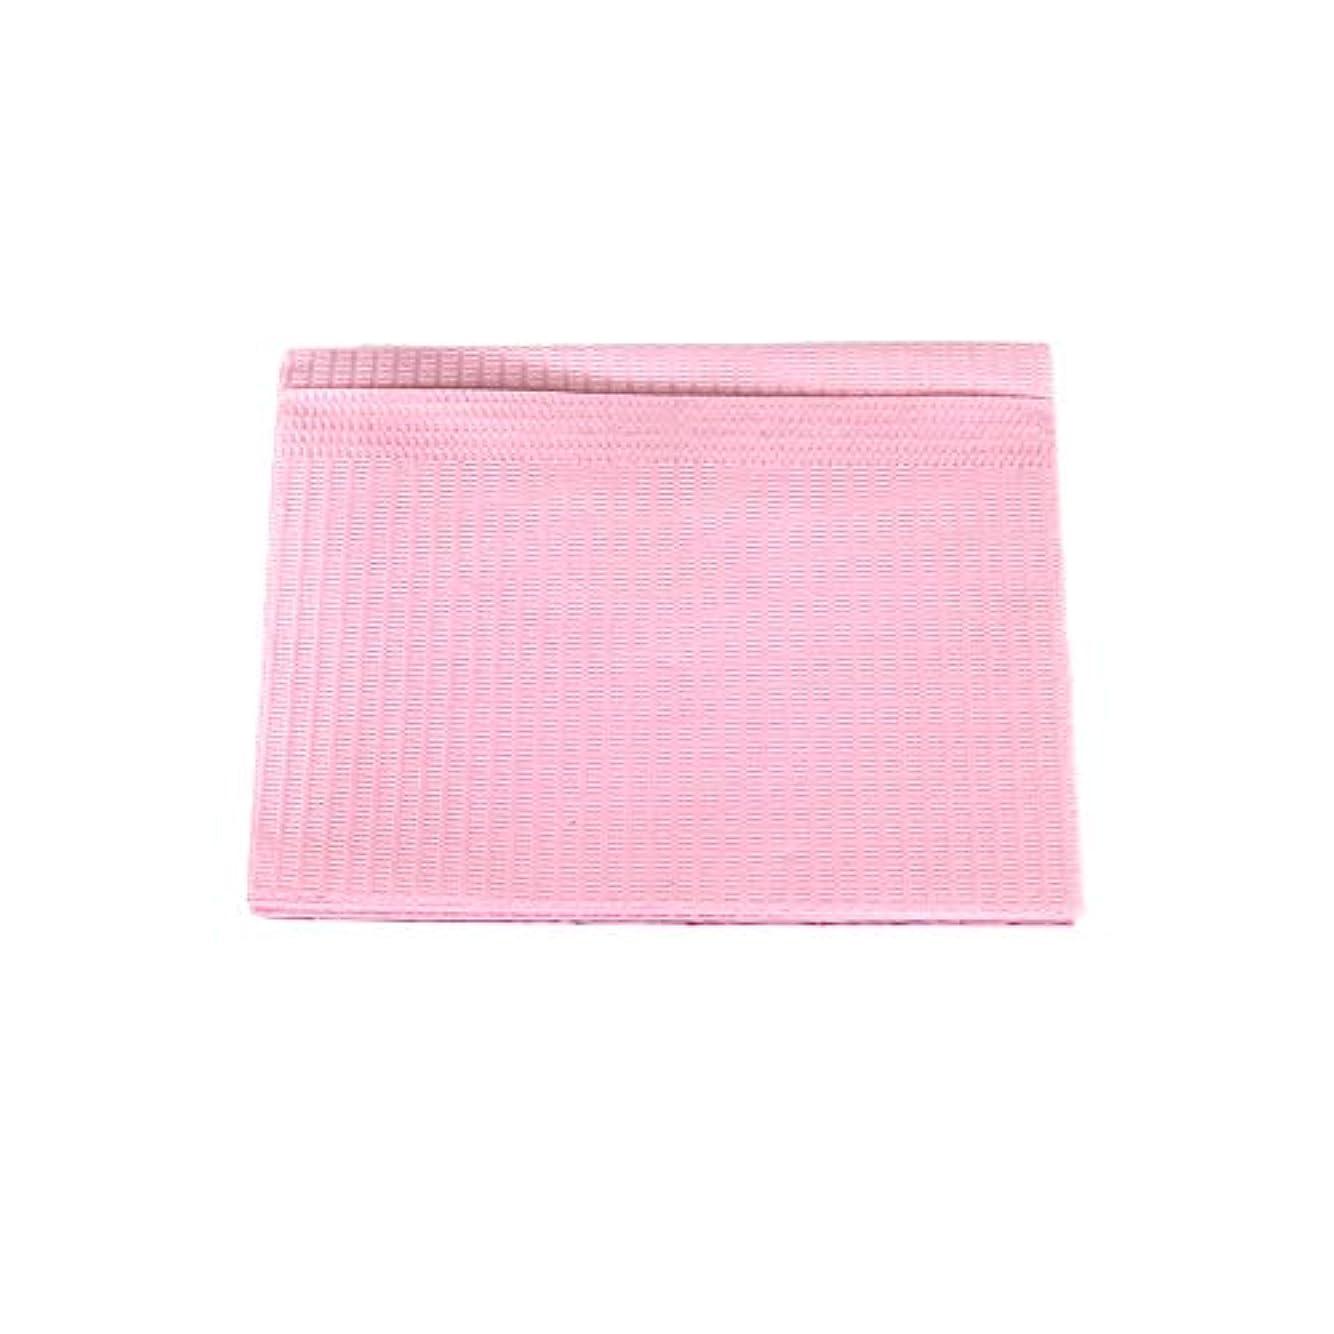 フレキシブルプレビュー結婚式防水ネイルペーパー ピンク 10枚入り ネイルシート 防水ペーパー キッチンペーパー